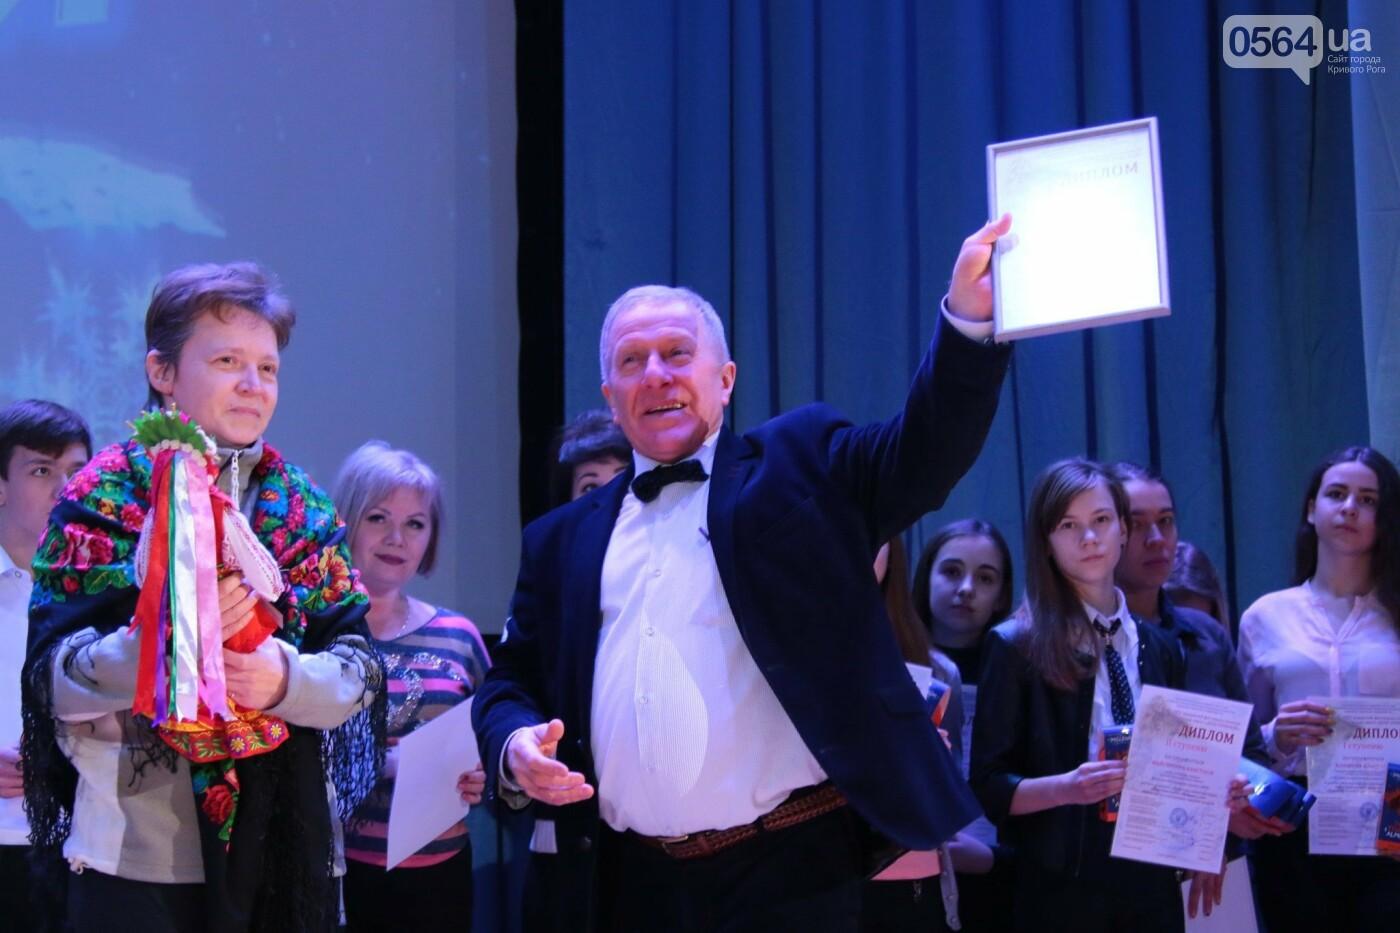 Криворожская рекордсменка получила Гран-при Всеукраинского фестиваля искусств, - ФОТО , фото-7